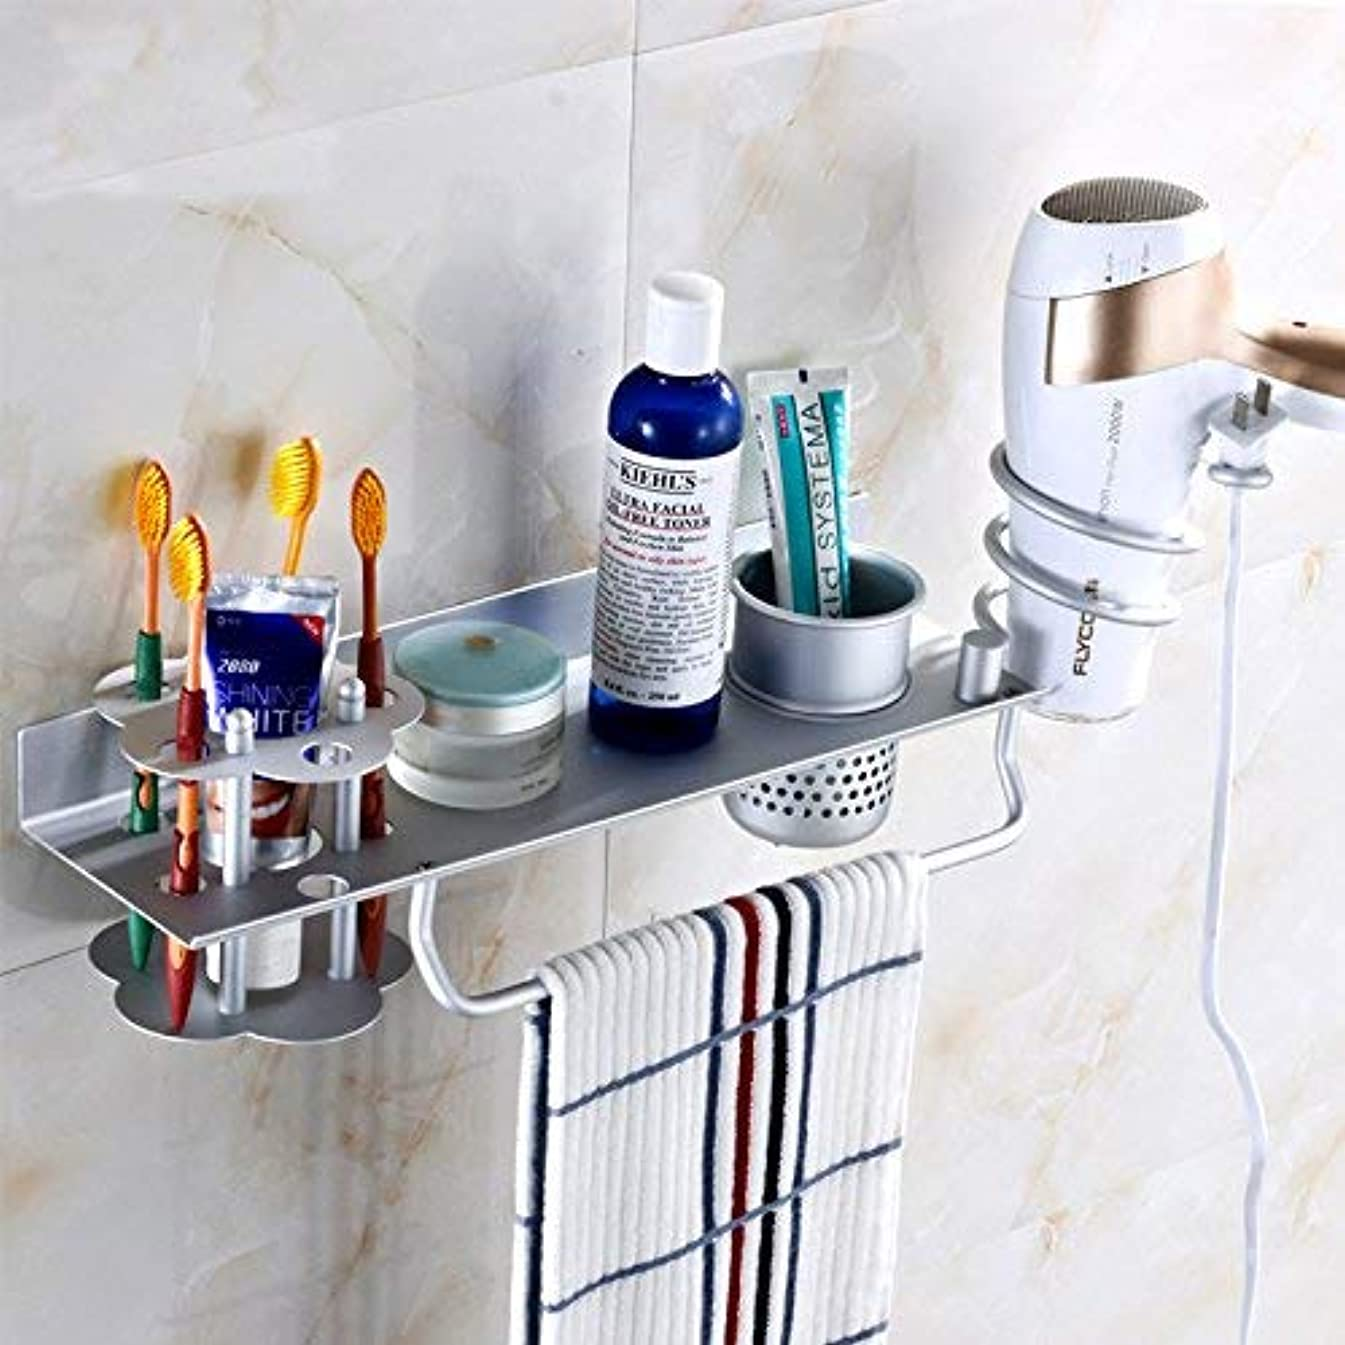 言及する微生物告発者収納ラック棚 浴室用シェルフウォールマウントバスルームヘアドライヤーブラケット歯ブラシホルダートイレ収納ラック多機能フリーパンチ 家のホテルの装飾のため